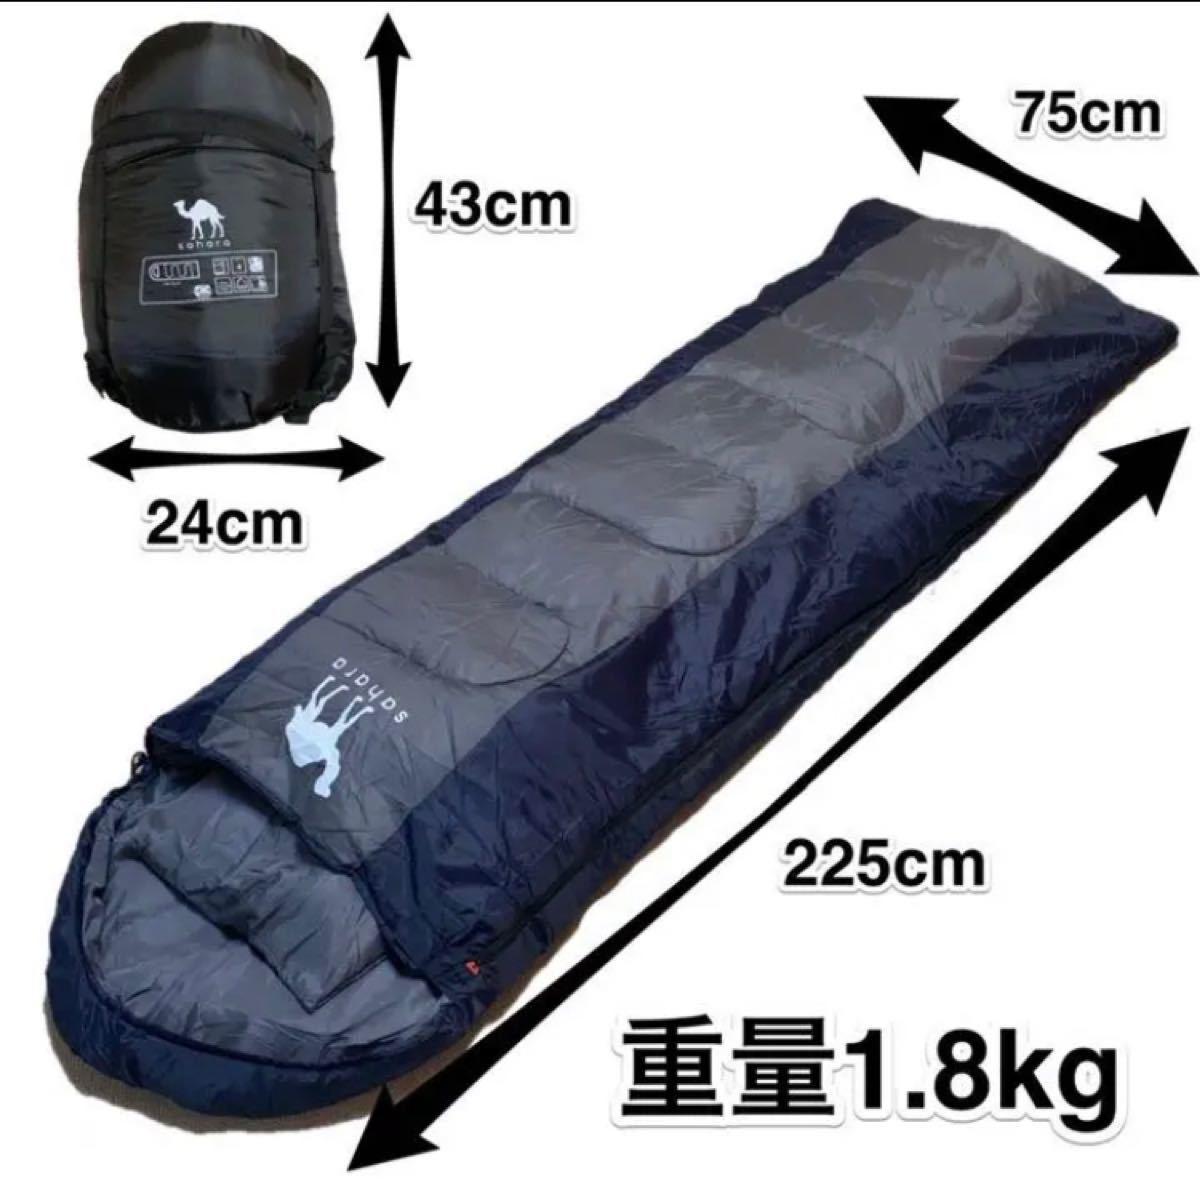 寝袋 -15℃ シュラフ 封筒型 コンパクト キャンプ アウトドア 秋冬用 軽量